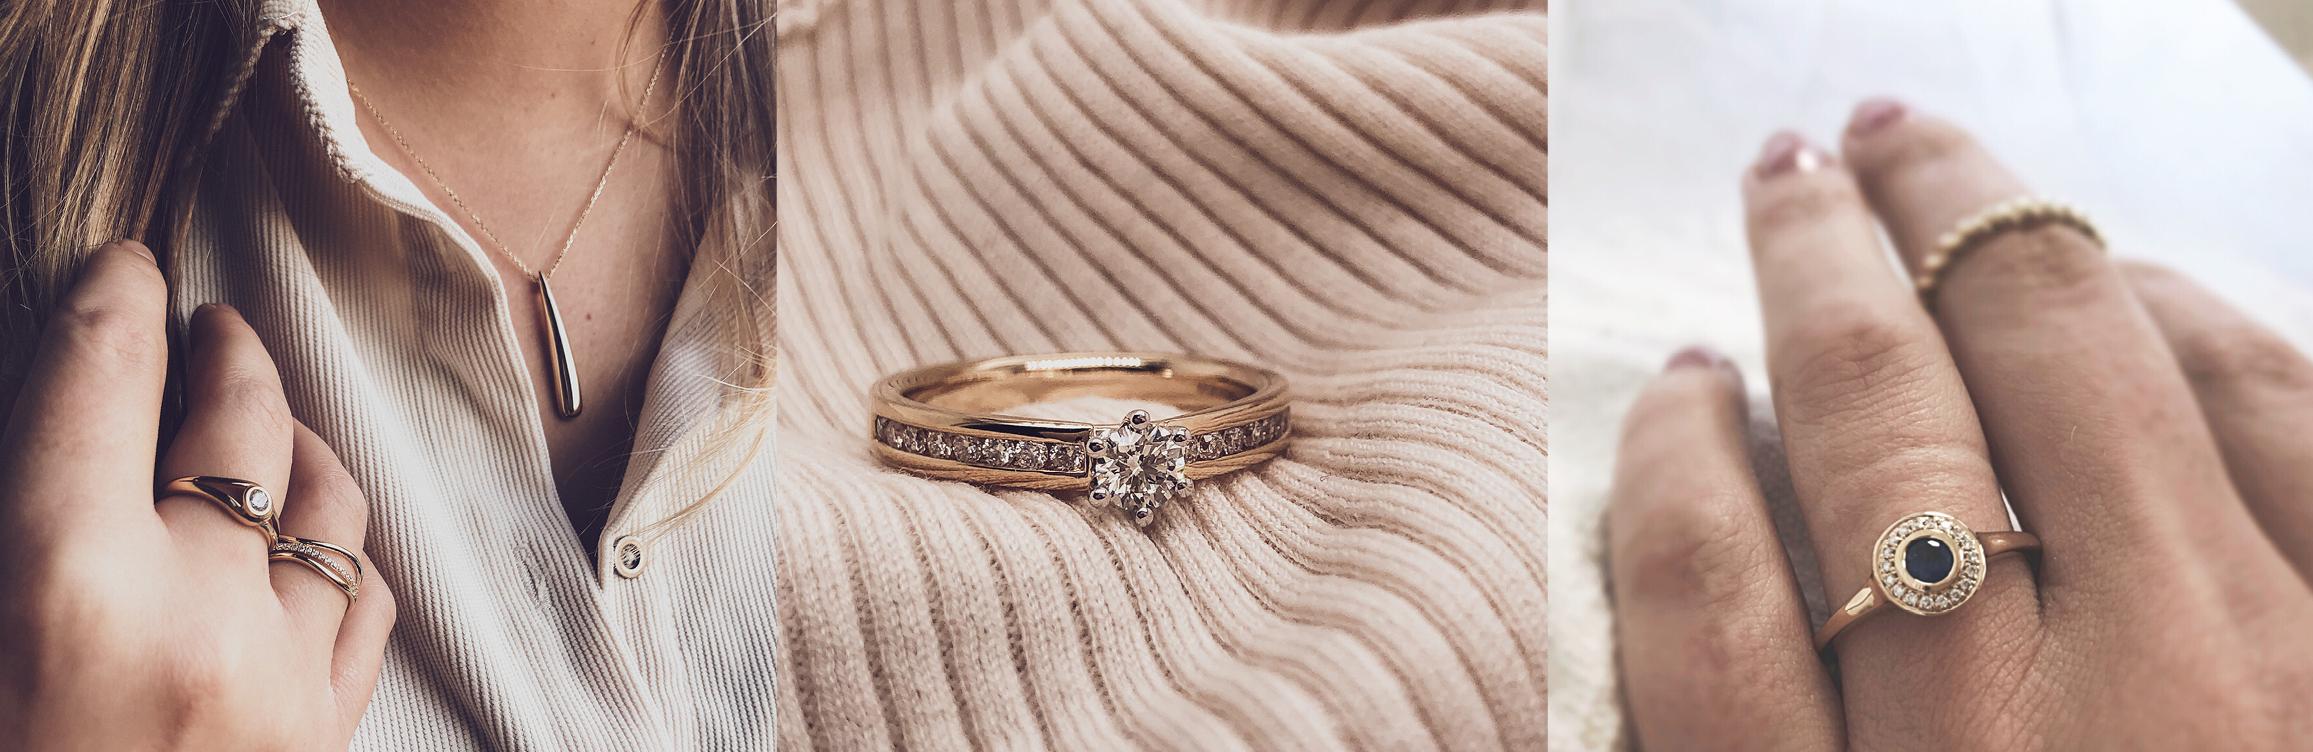 Excellent Jewelry gouden sieraden bij Wolters Juweliers Coevorden Emmen